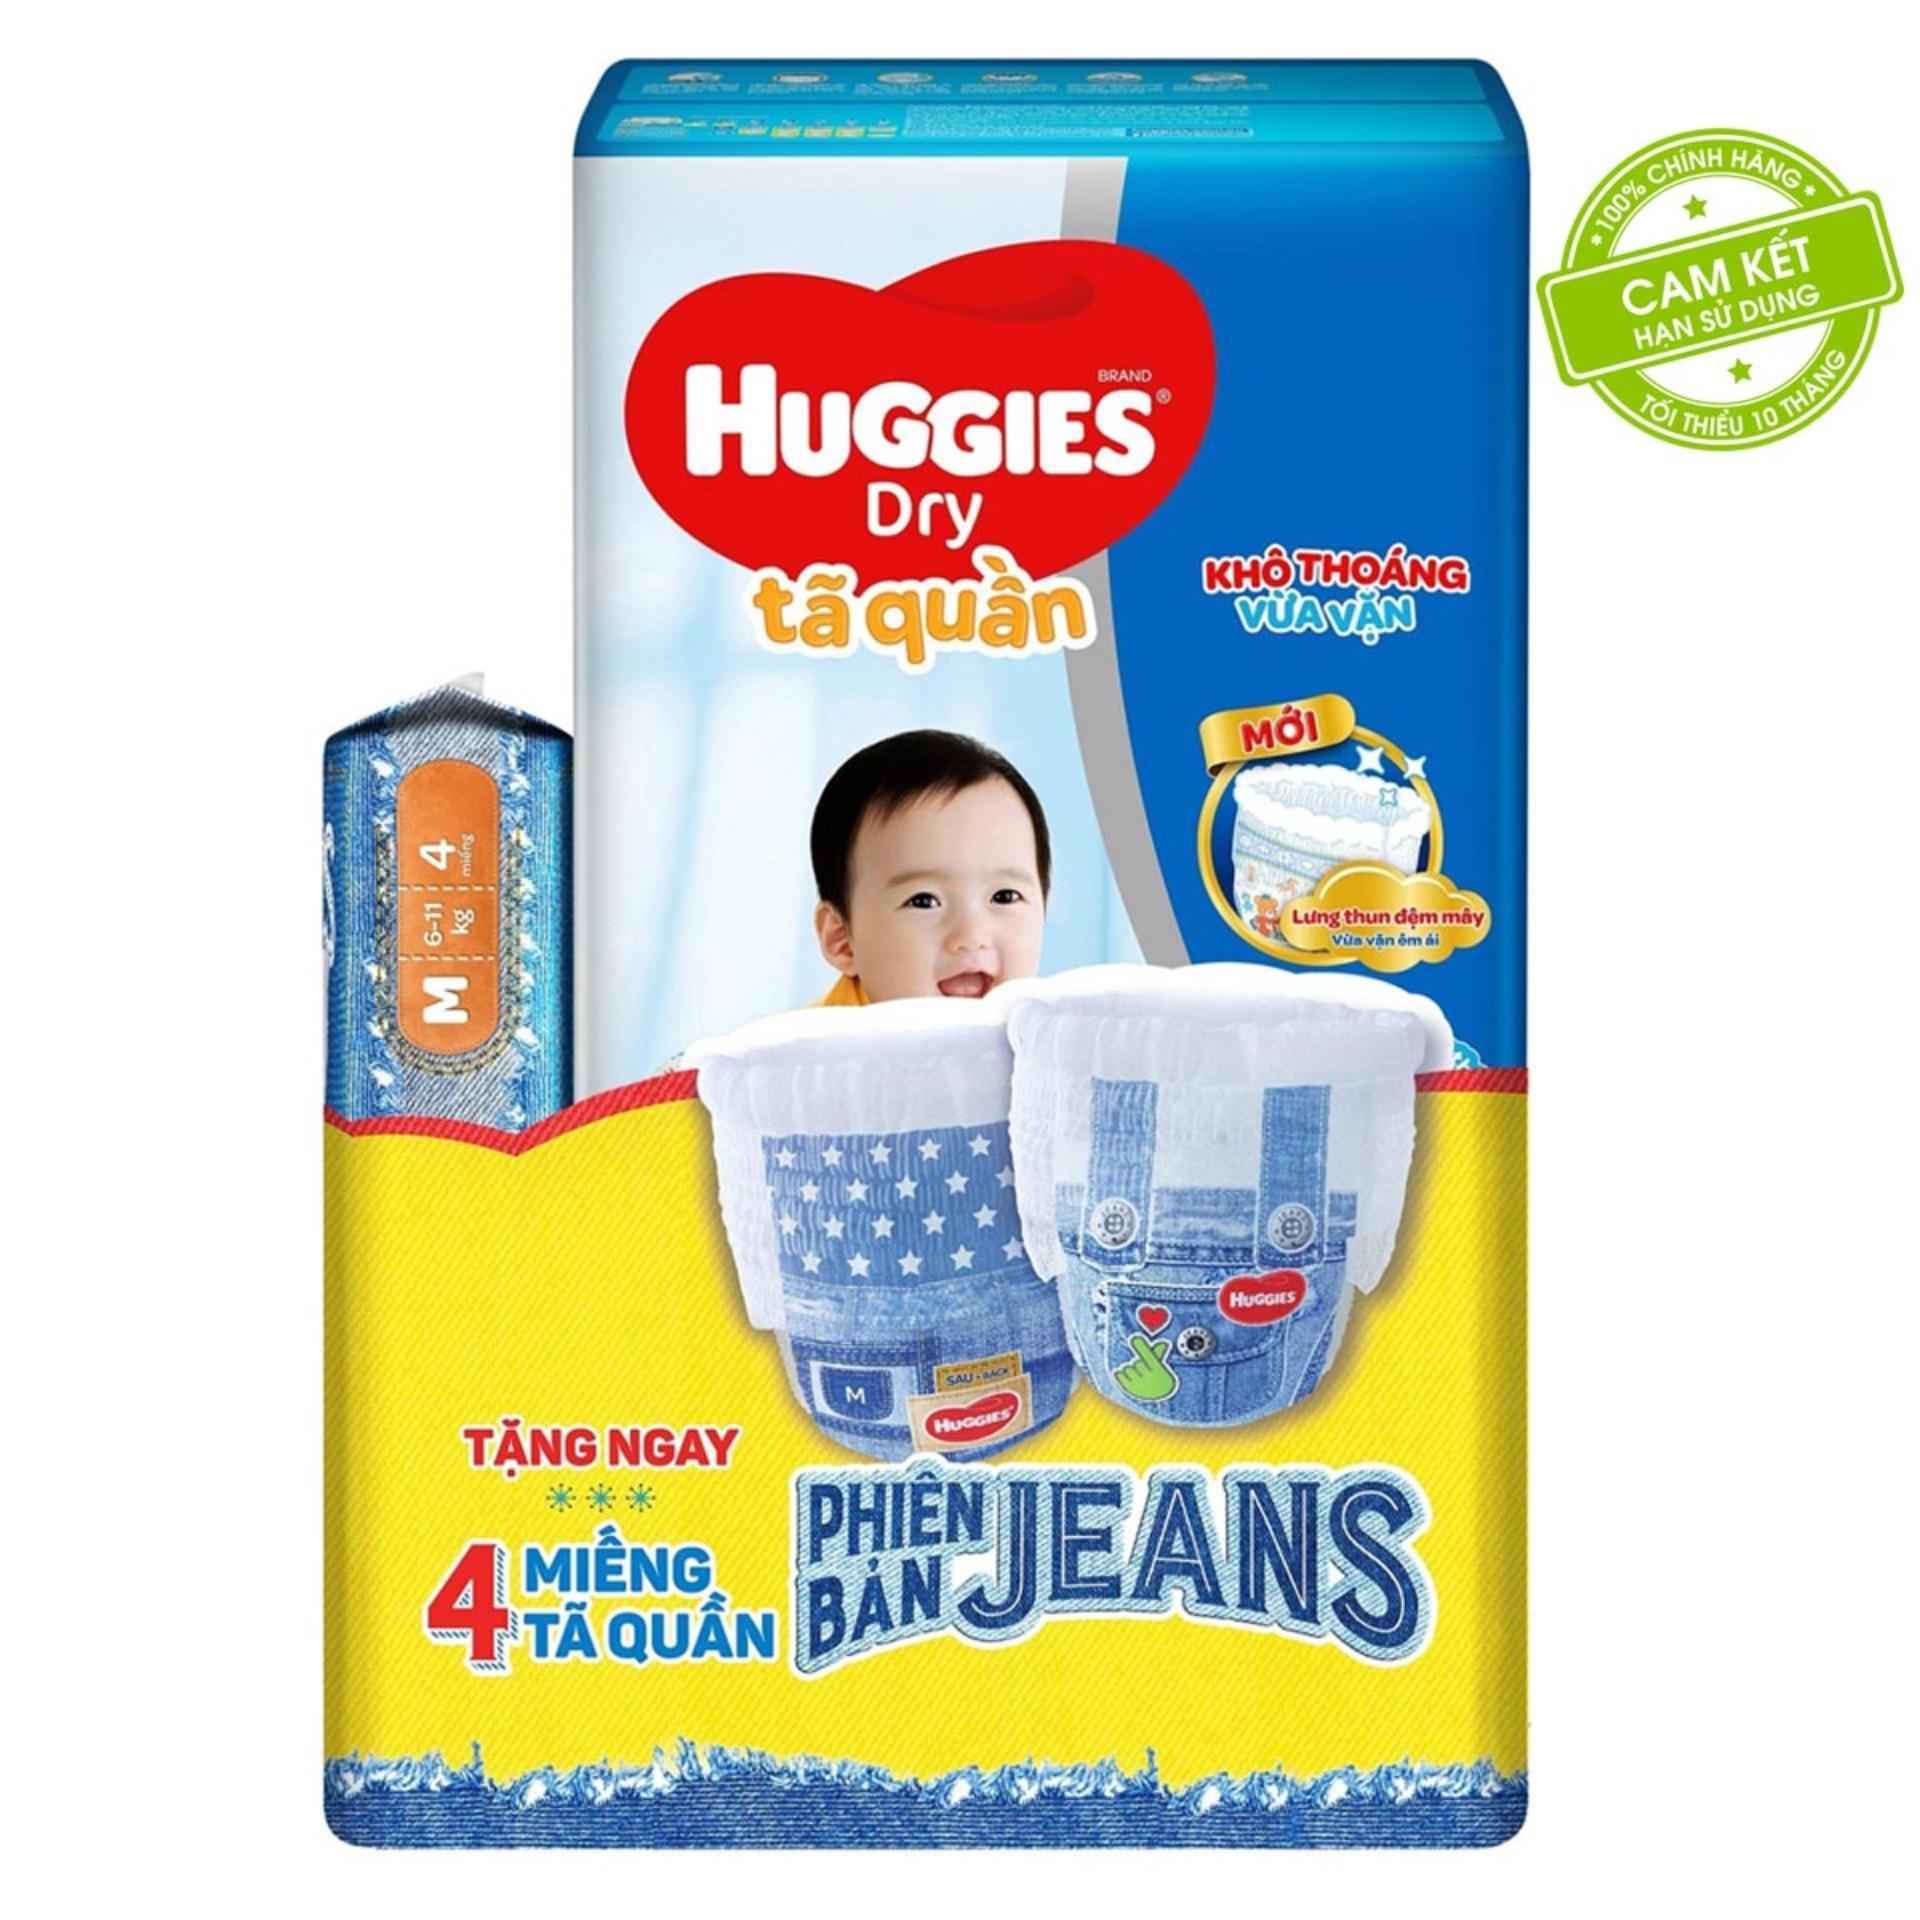 Coupon Giảm Giá Tã/bỉm Quần HUGGIES DRY PANTS JUMBO M40 (5-10kg)  - Gói 40 Miếng - Tặng Thêm 4 Miếng Tã Quần Jeans - Cam Kết HSD Còn ít Nhất 10 Tháng